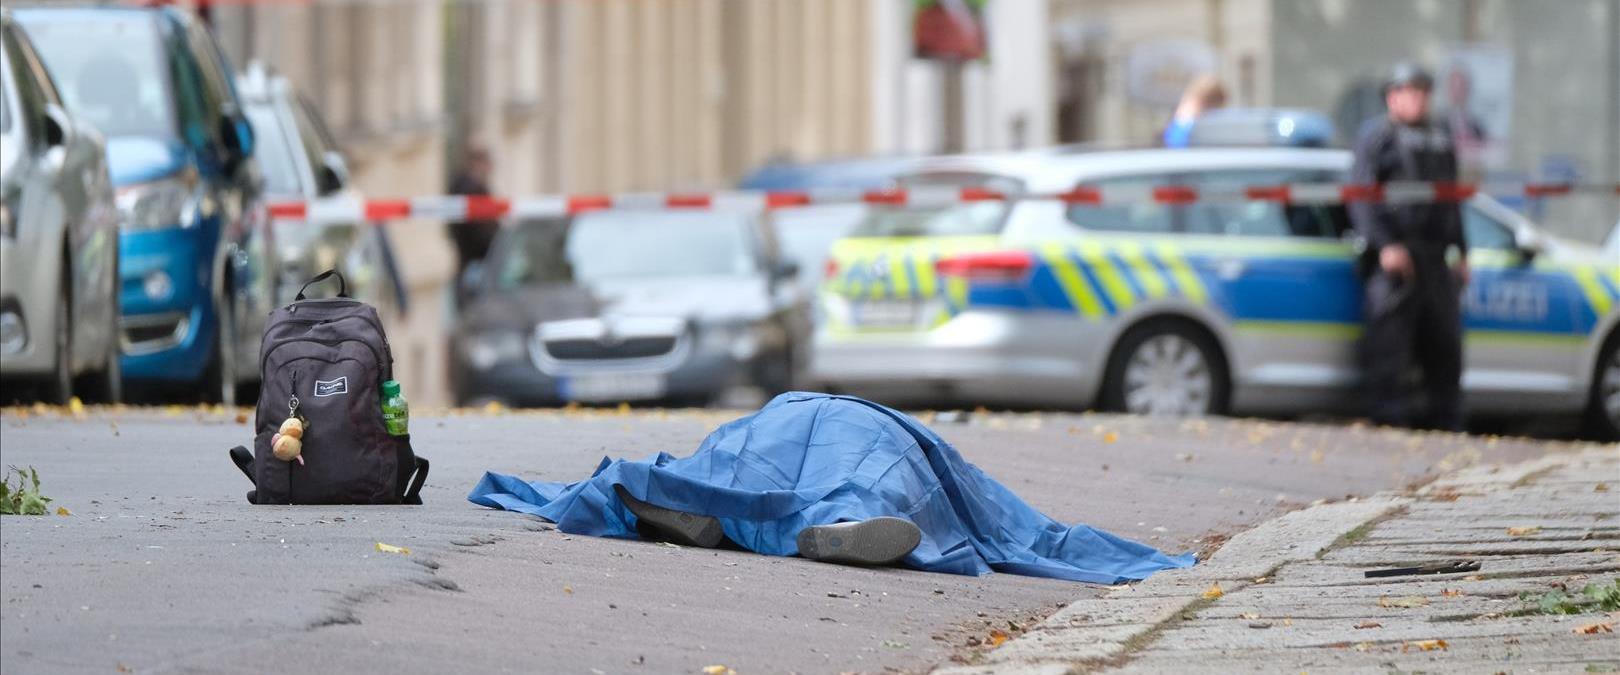 הרוגים באירוע ירי בהאלה בגרמניה